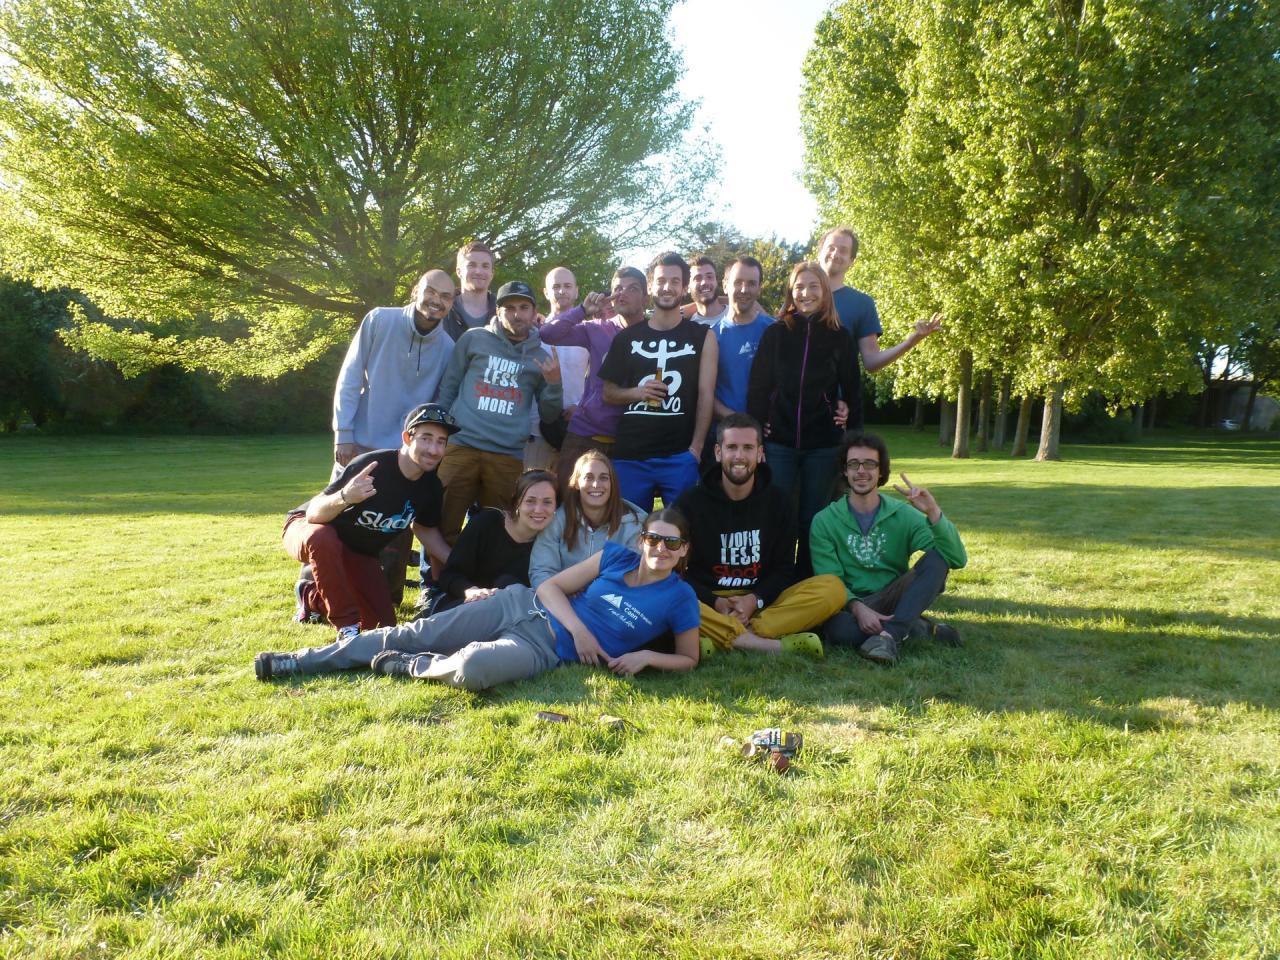 Slacktour 2017 - Team slacktour